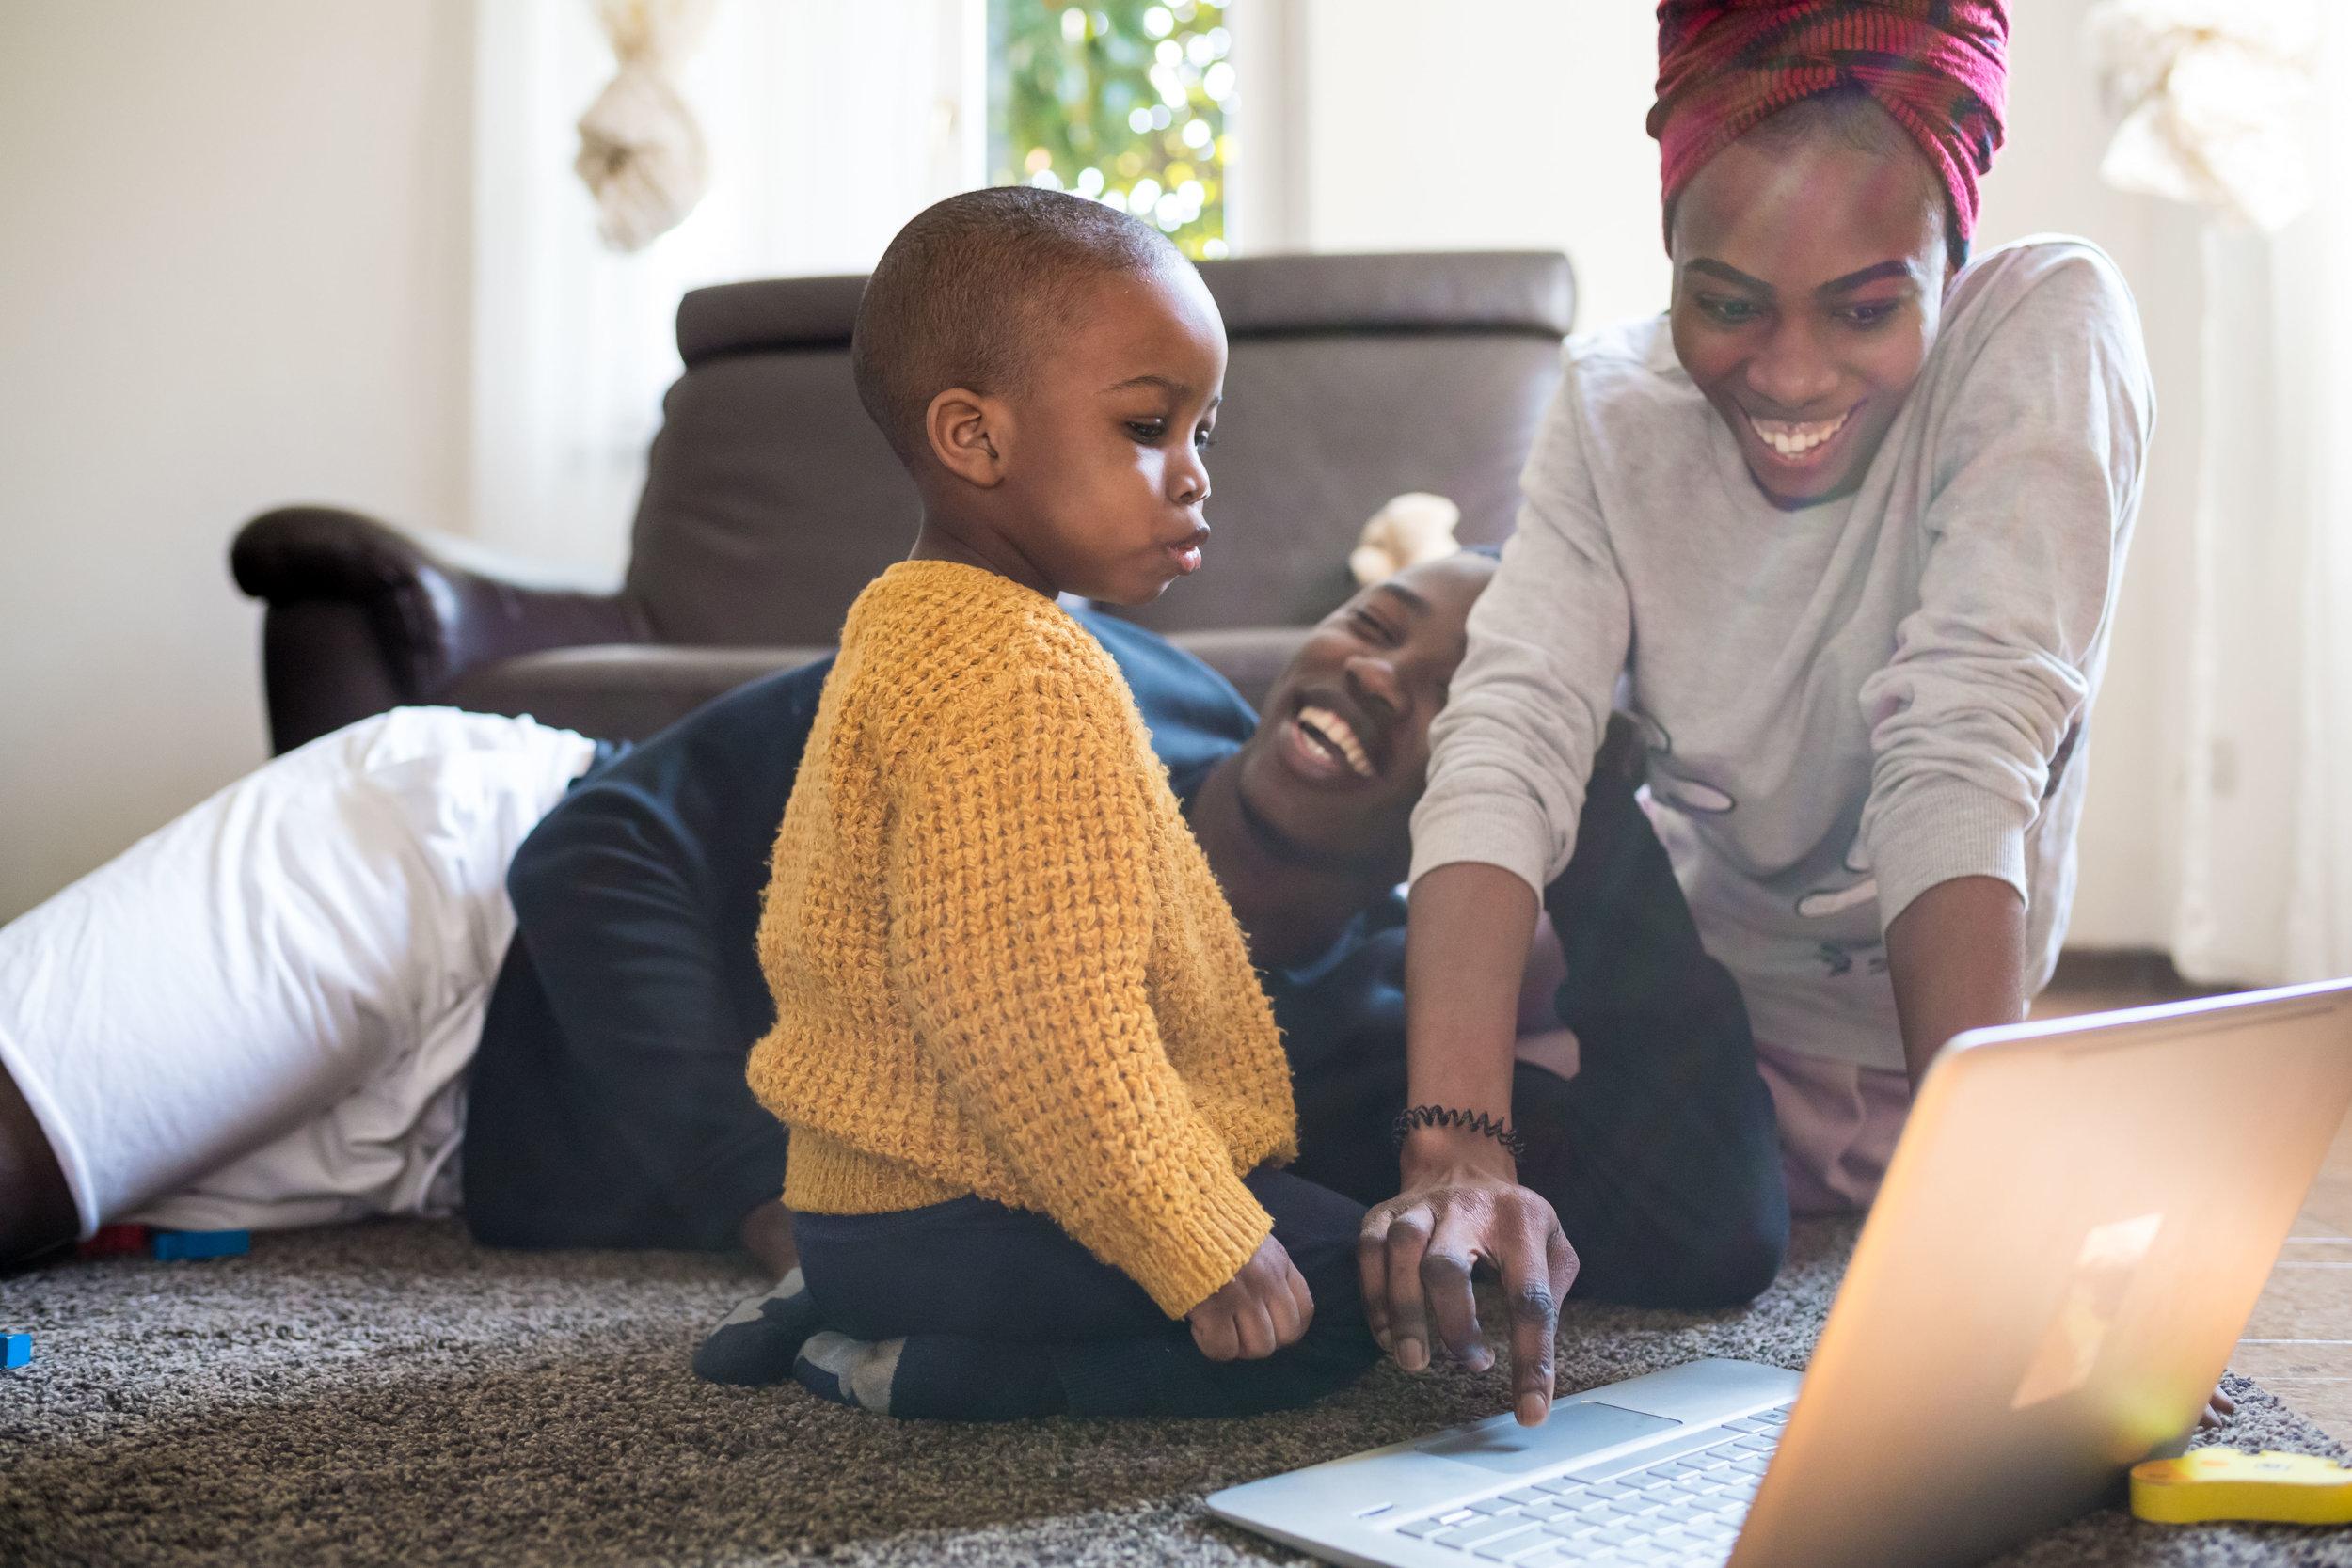 FAMILY - Hai mai pensato di regalarti (o regalare) un bel racconto di una giornata con la tua famiglia? Ti offro la possibilità di avere immagini uniche, vere, naturali e bellissime dei tuoi momenti migliori con la tua famiglia! contattami ora per un preventivo gratuito!